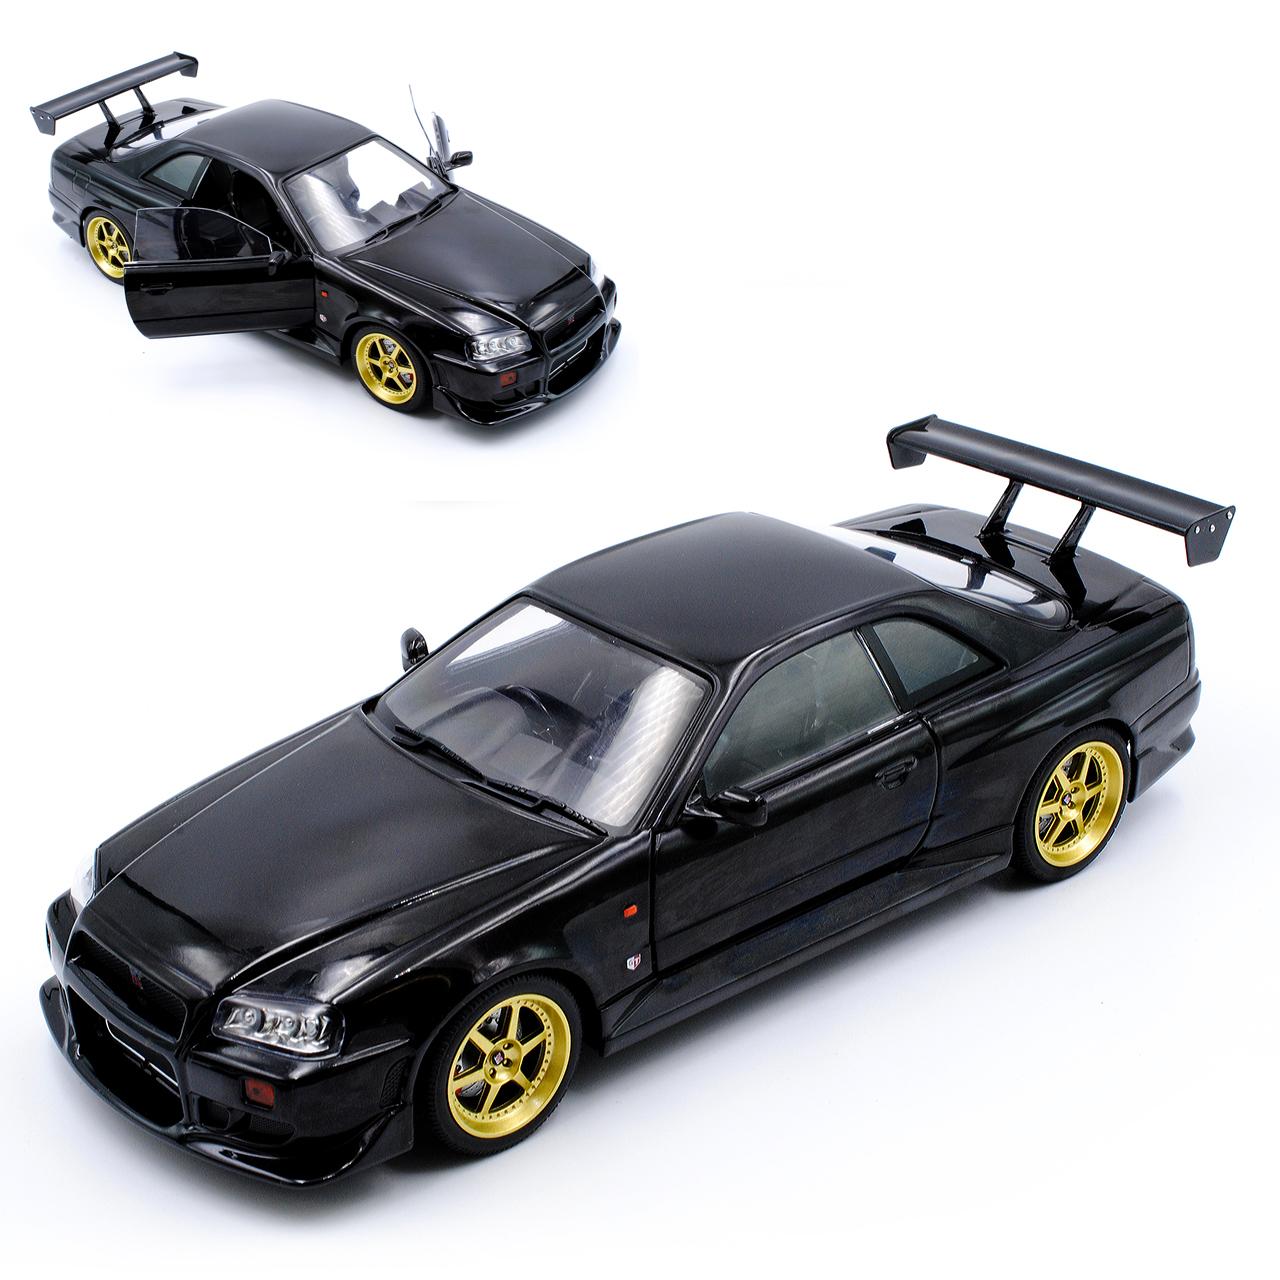 NISSAN Skyline r34 GT-R NERO 1998-2002 1/18 verdeLIGHT AUTO modello o con